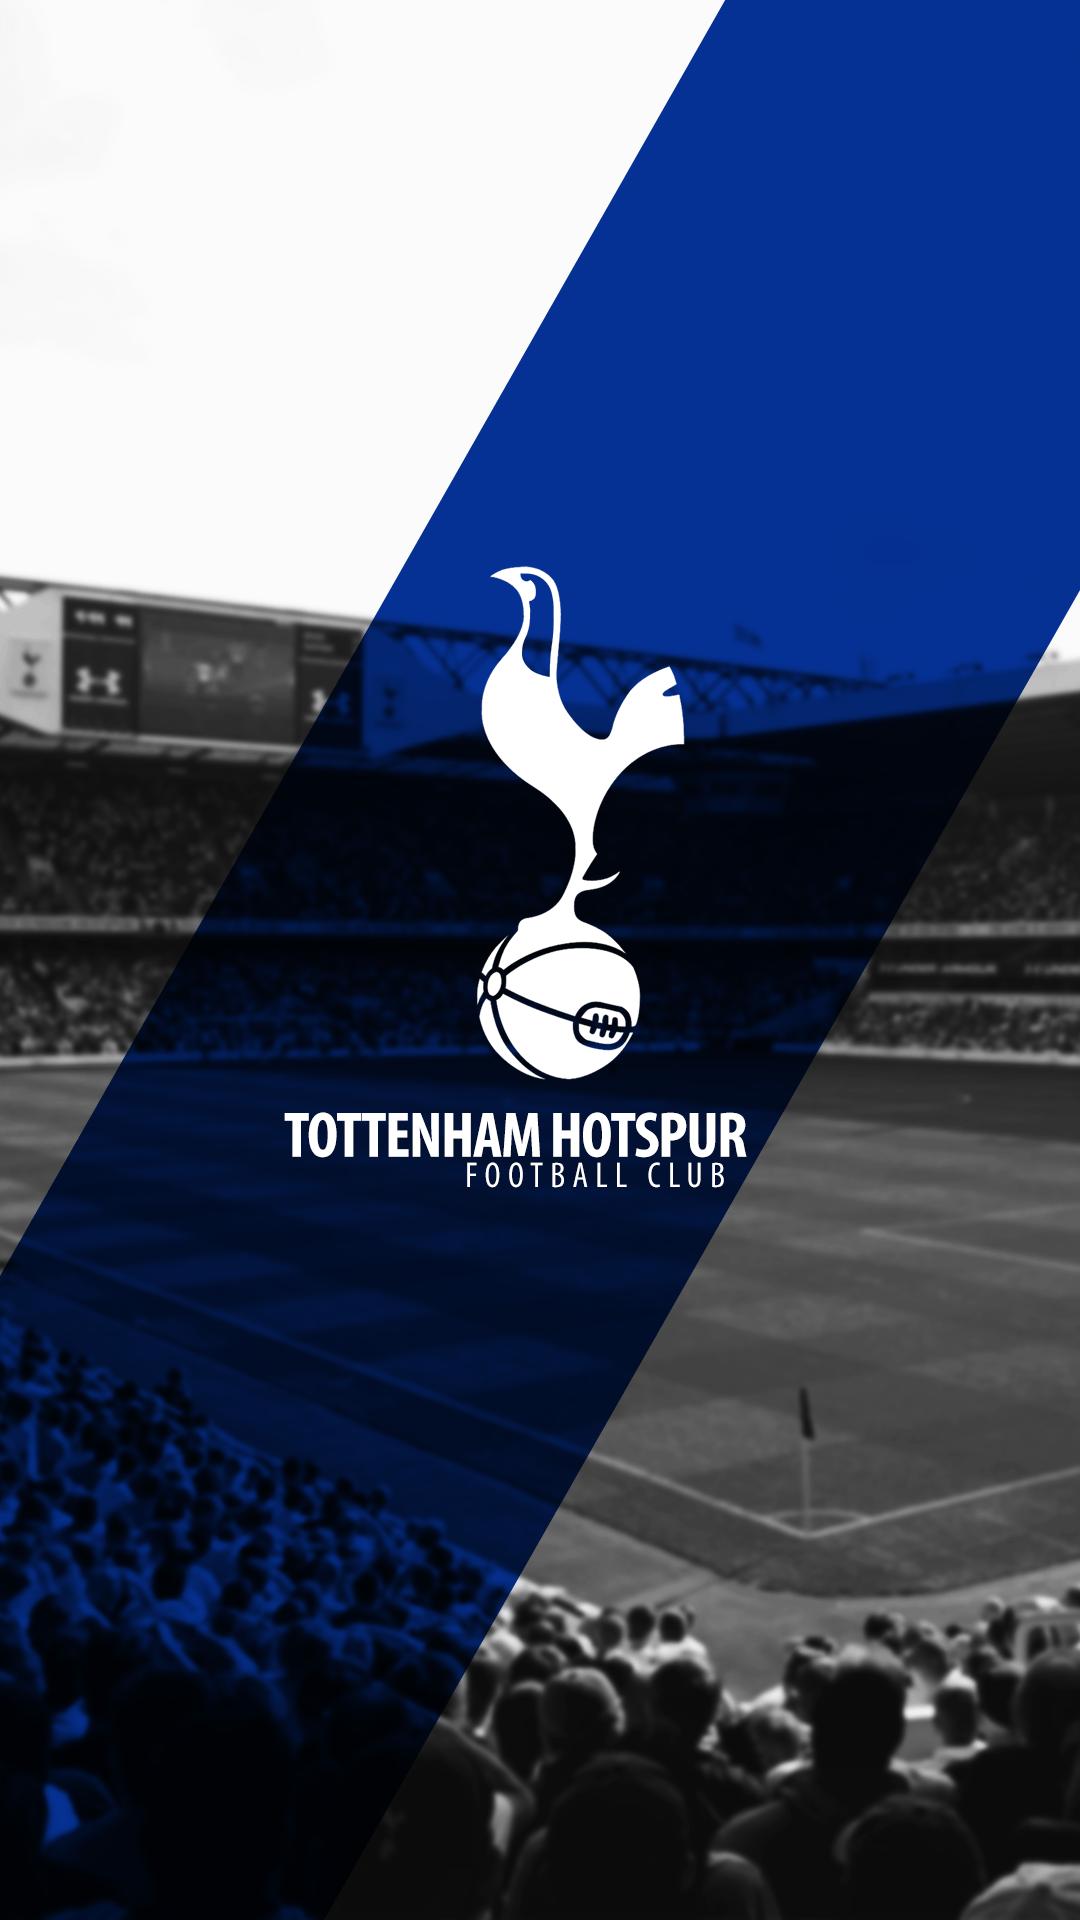 Tottenham Hotspur F.C. Wallpapers - Wallpaper Cave